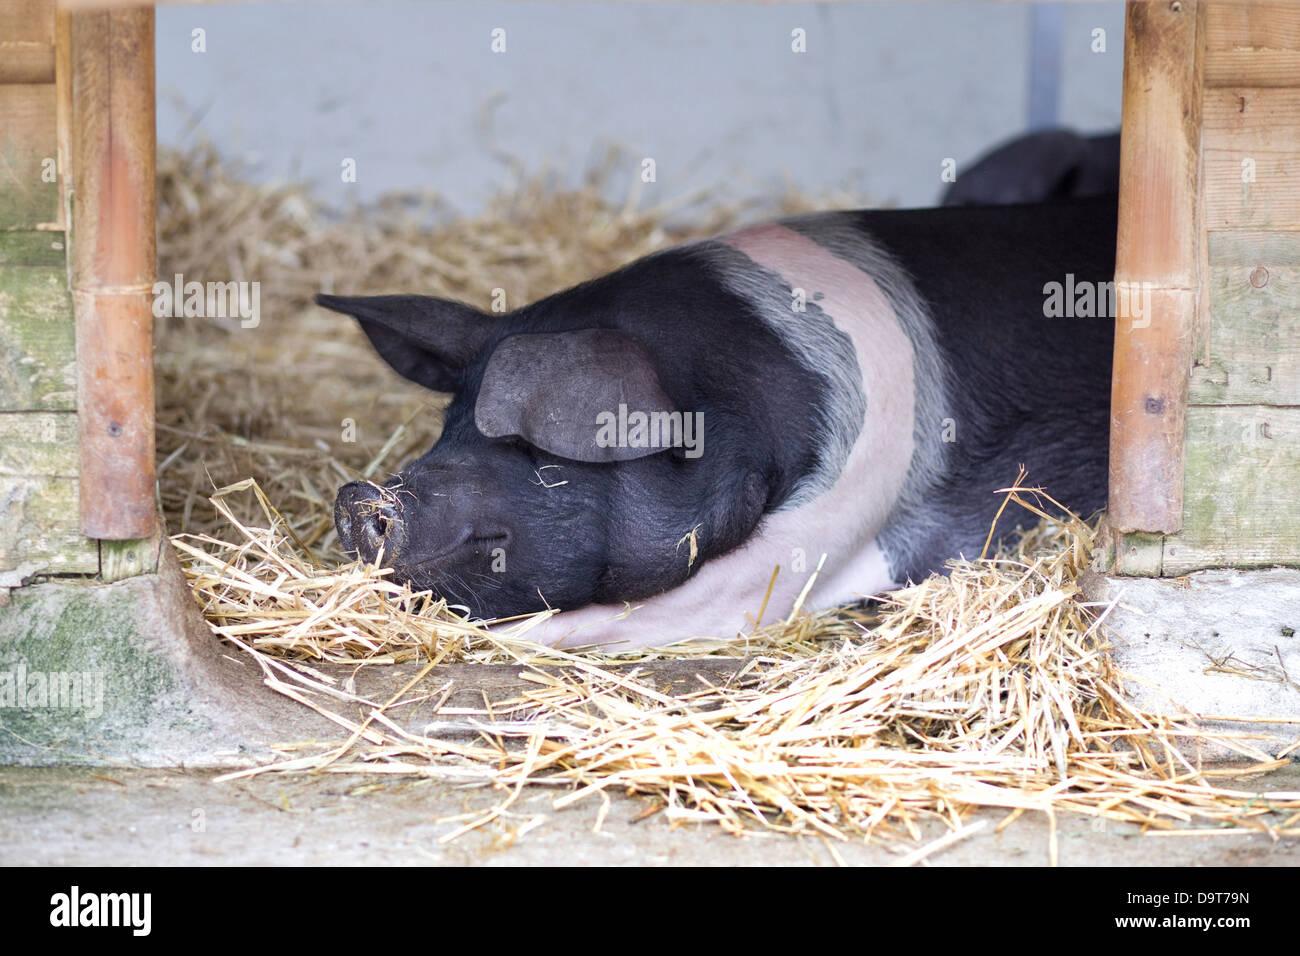 British Saddleback Pigs Stock Photos Amp British Saddleback